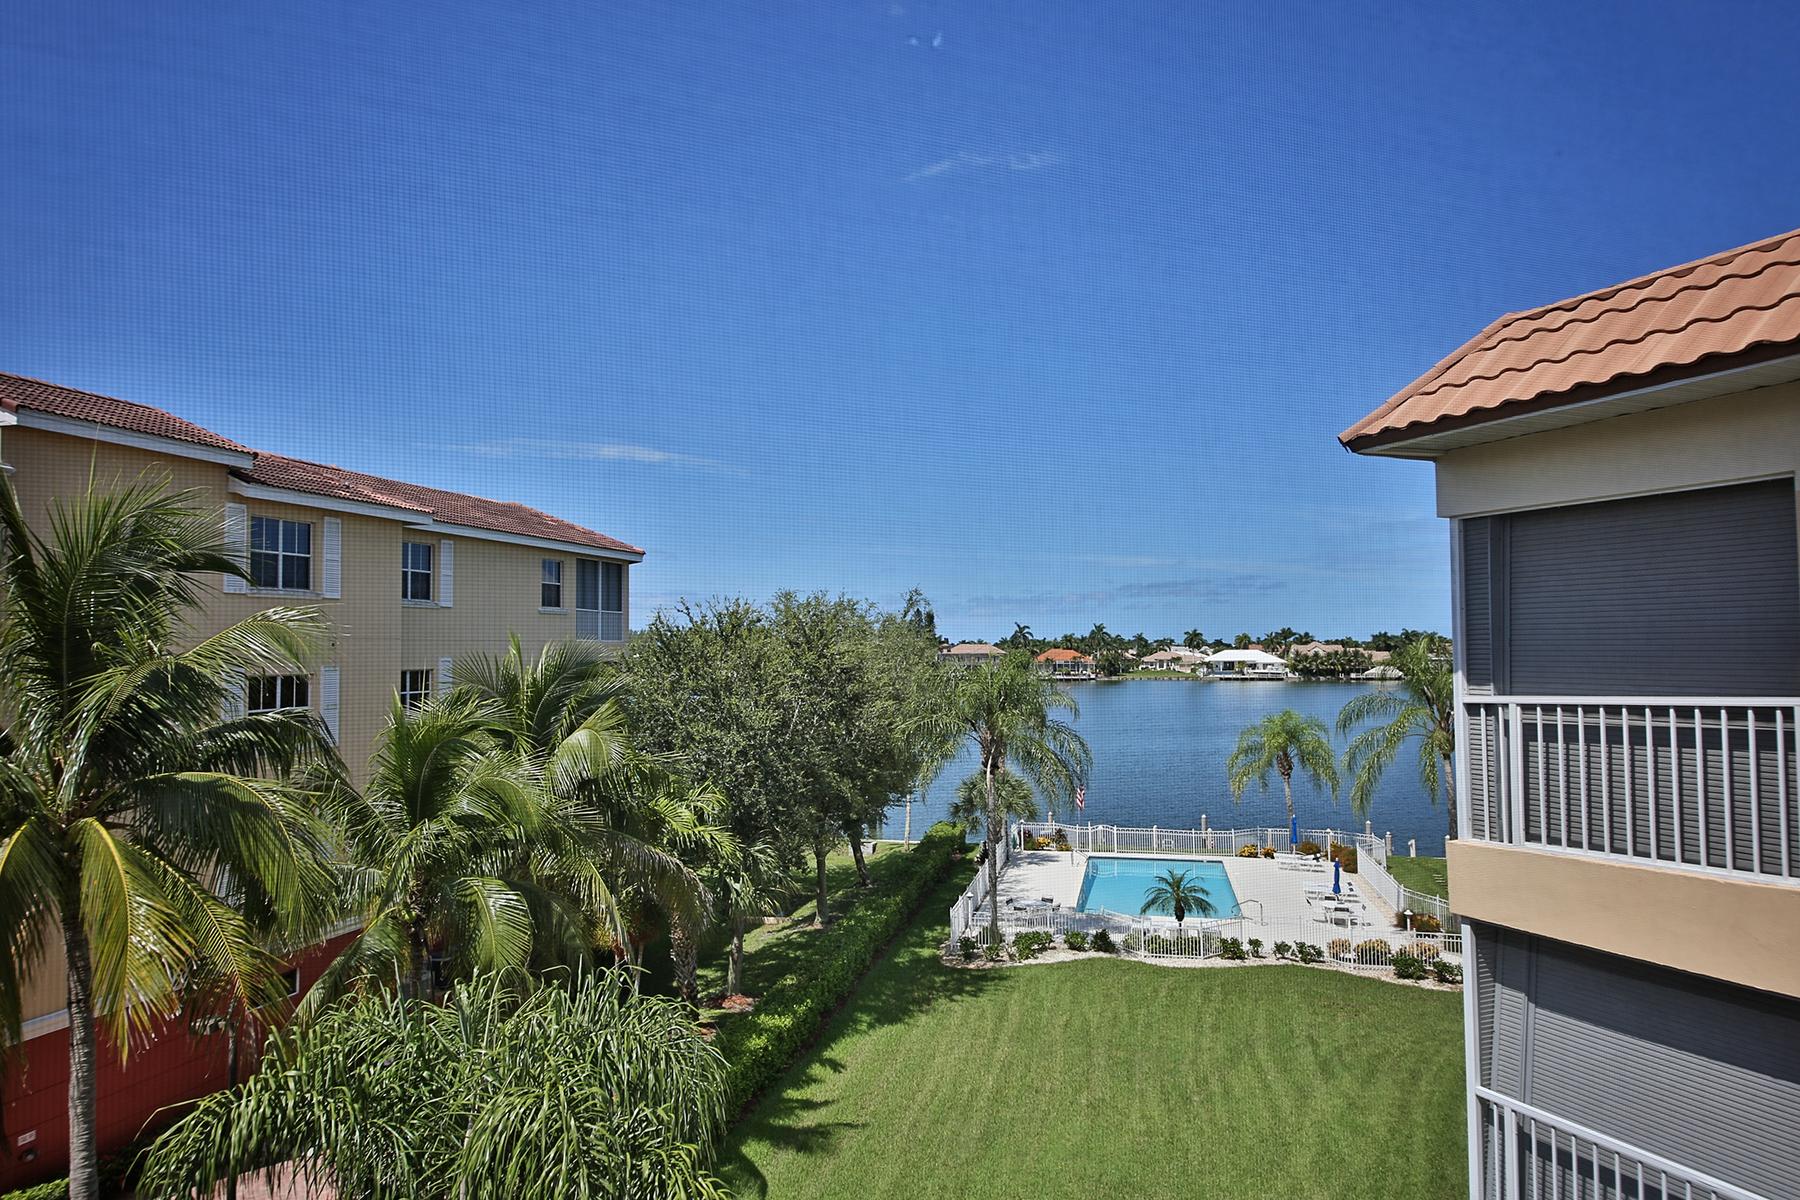 Кондоминиум для того Продажа на MARCO ISLAND - VILLA DEL MAR 816 W Elkcam Cir 301 Marco Island, Флорида, 34145 Соединенные Штаты